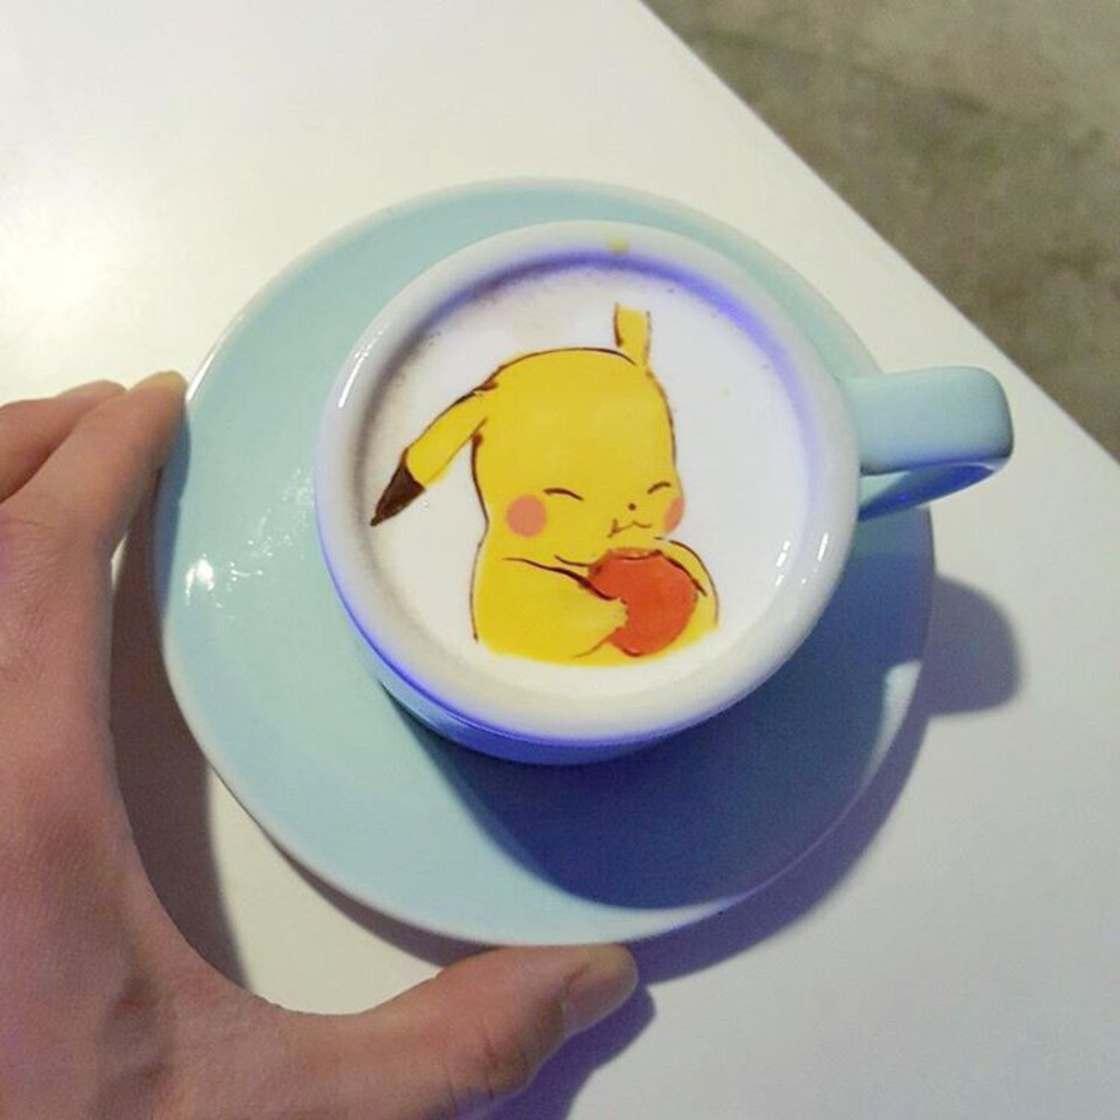 art-on-coffee-lee-kang-bin-5.jpg